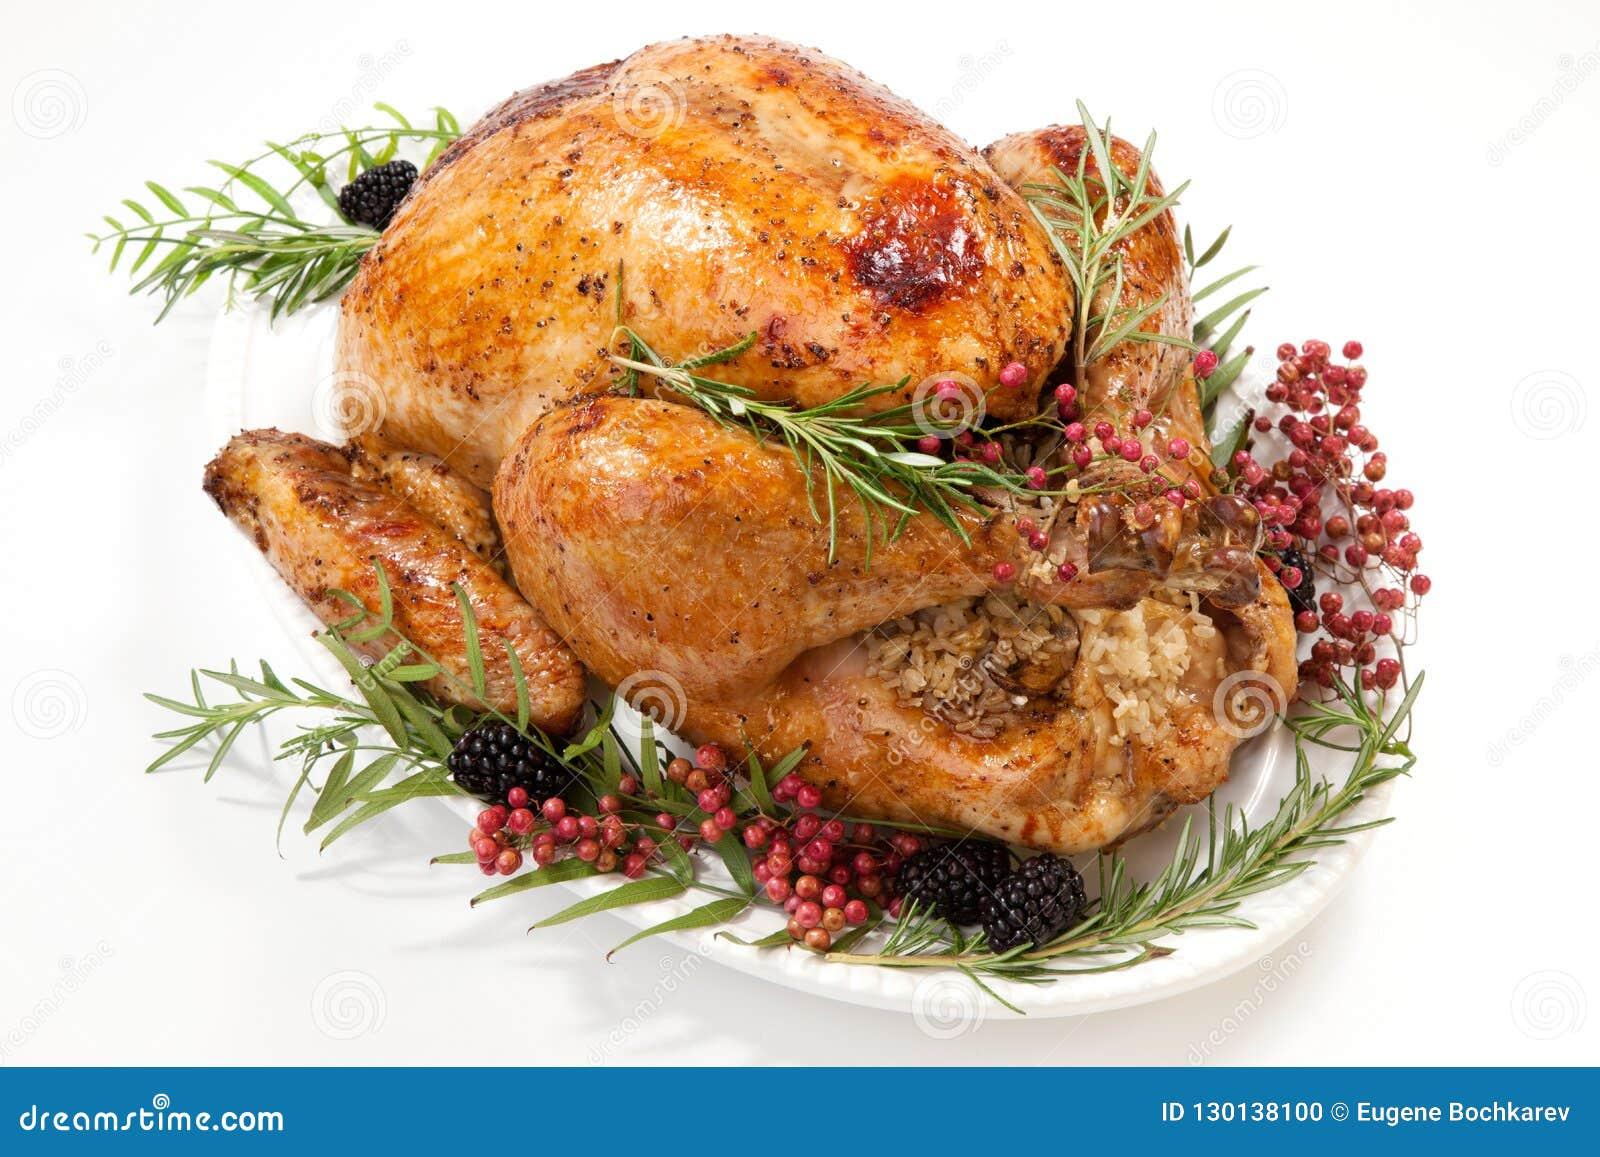 Thanksgiving Turkey on White